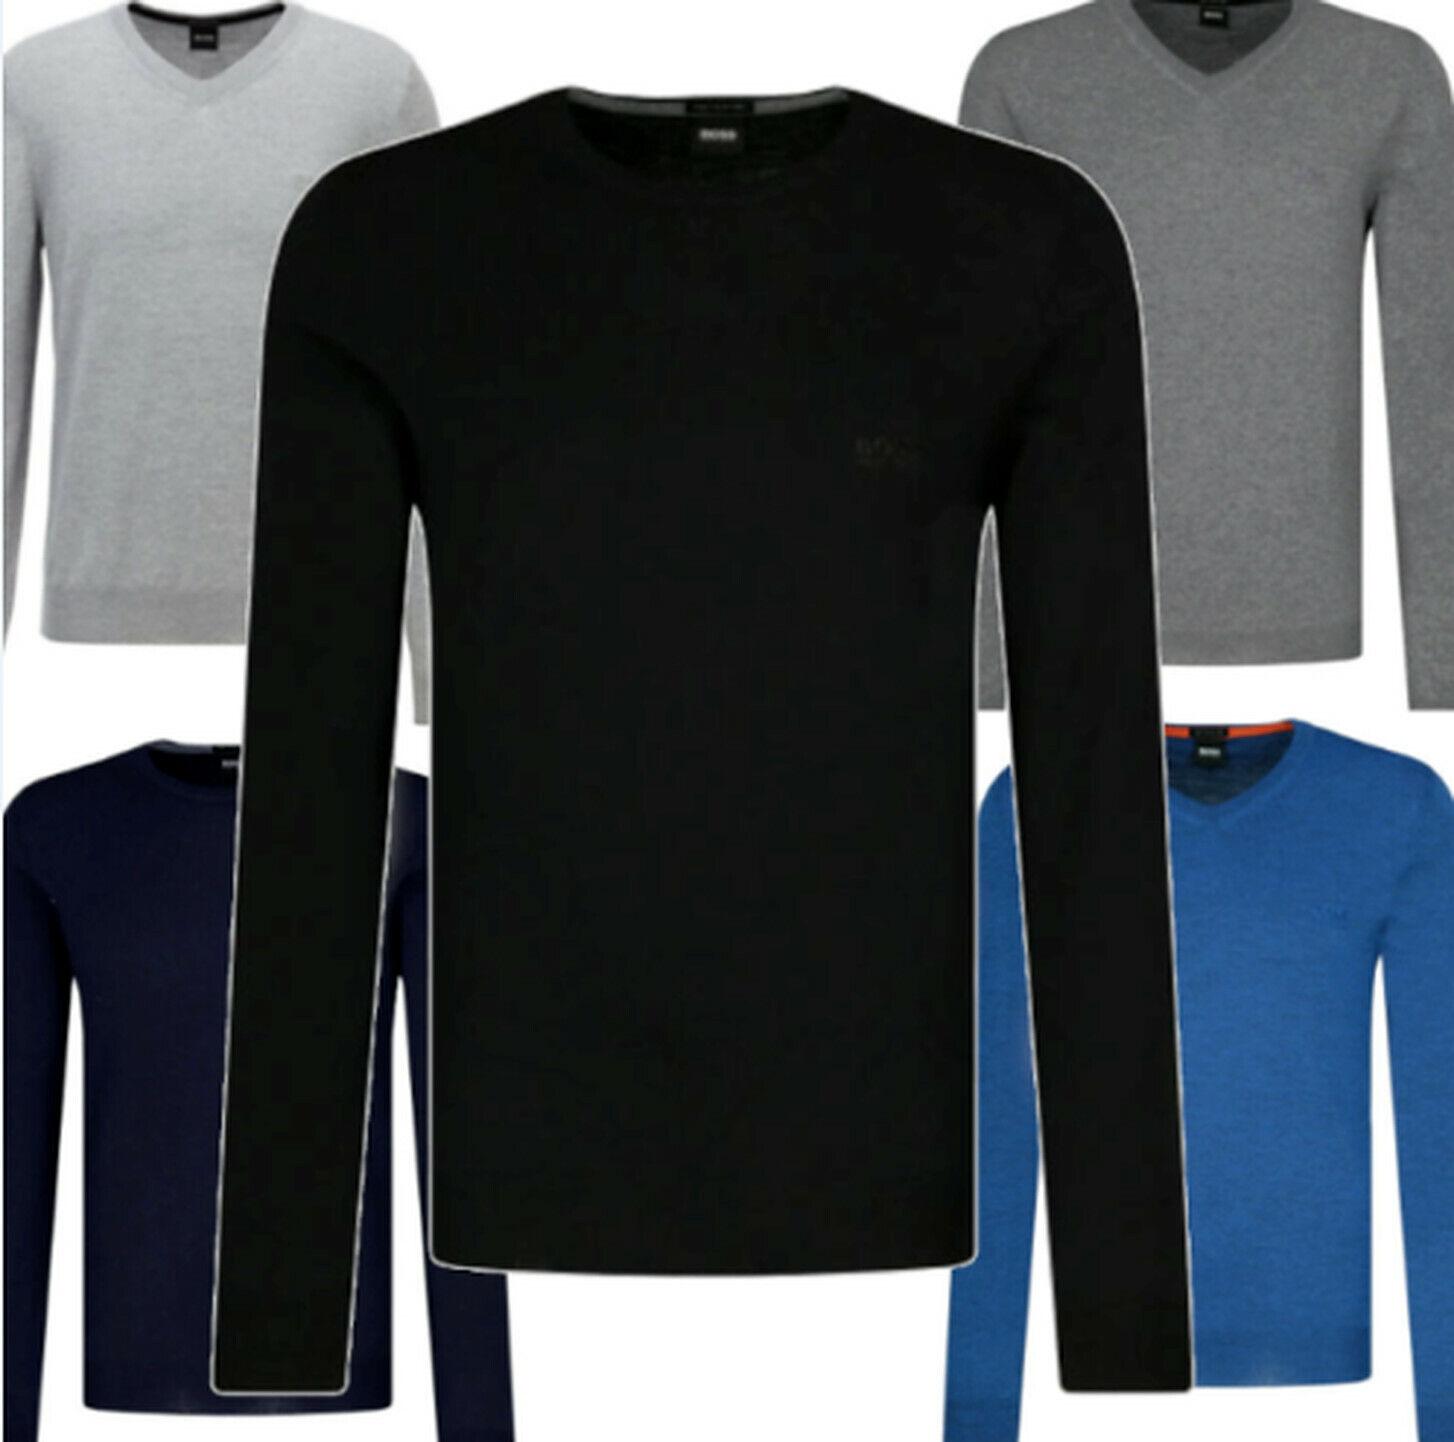 HUGO BOSS Pullover für Herren Strickpullover Pulli S bis XXL NEU&OVP !